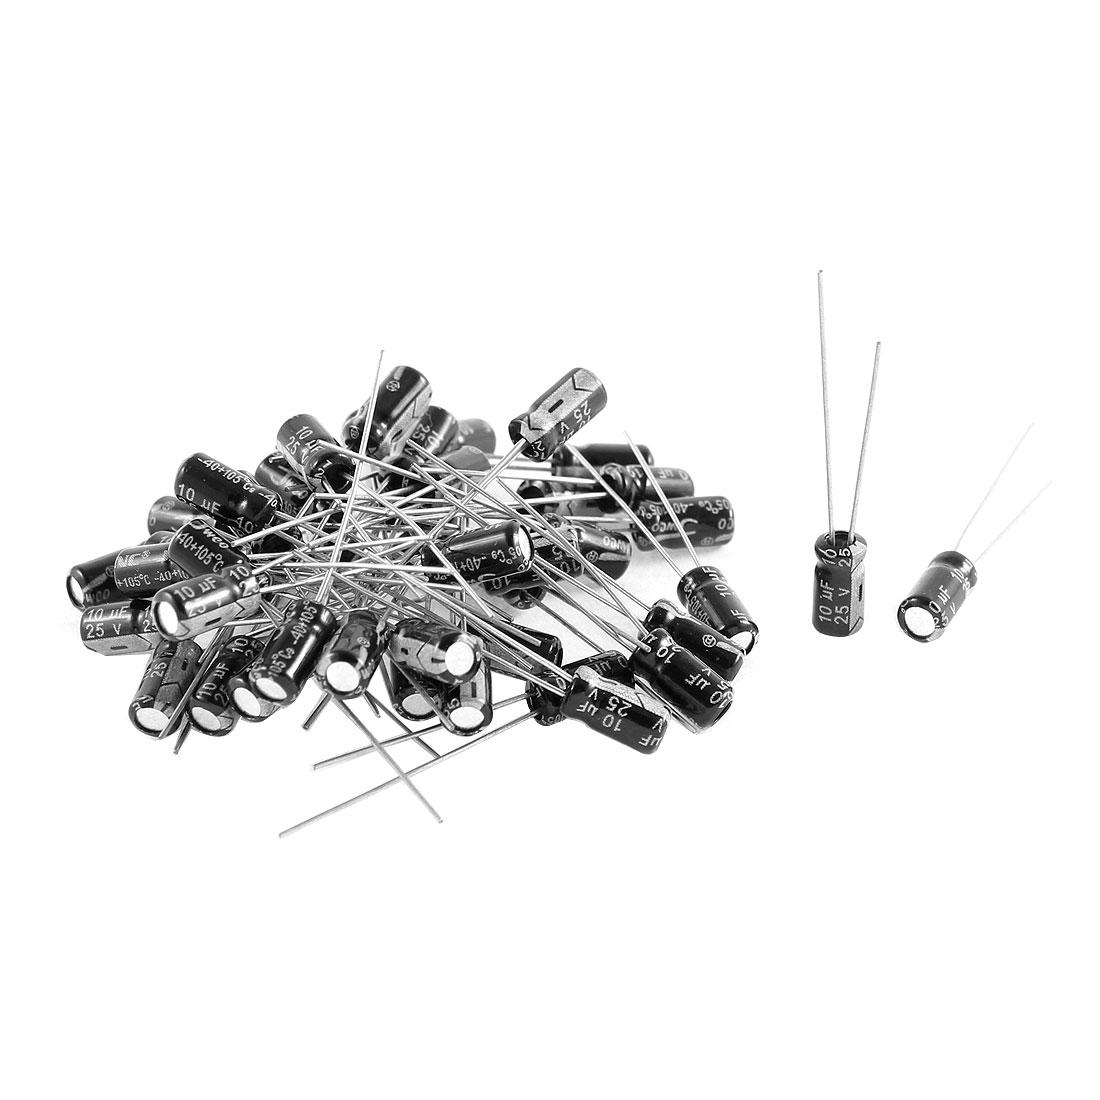 46Pcs 4.7UF 50V Radial Leads PCB Mount Polarised Aluminium Electrolytic Capacitor 4mmx8mm